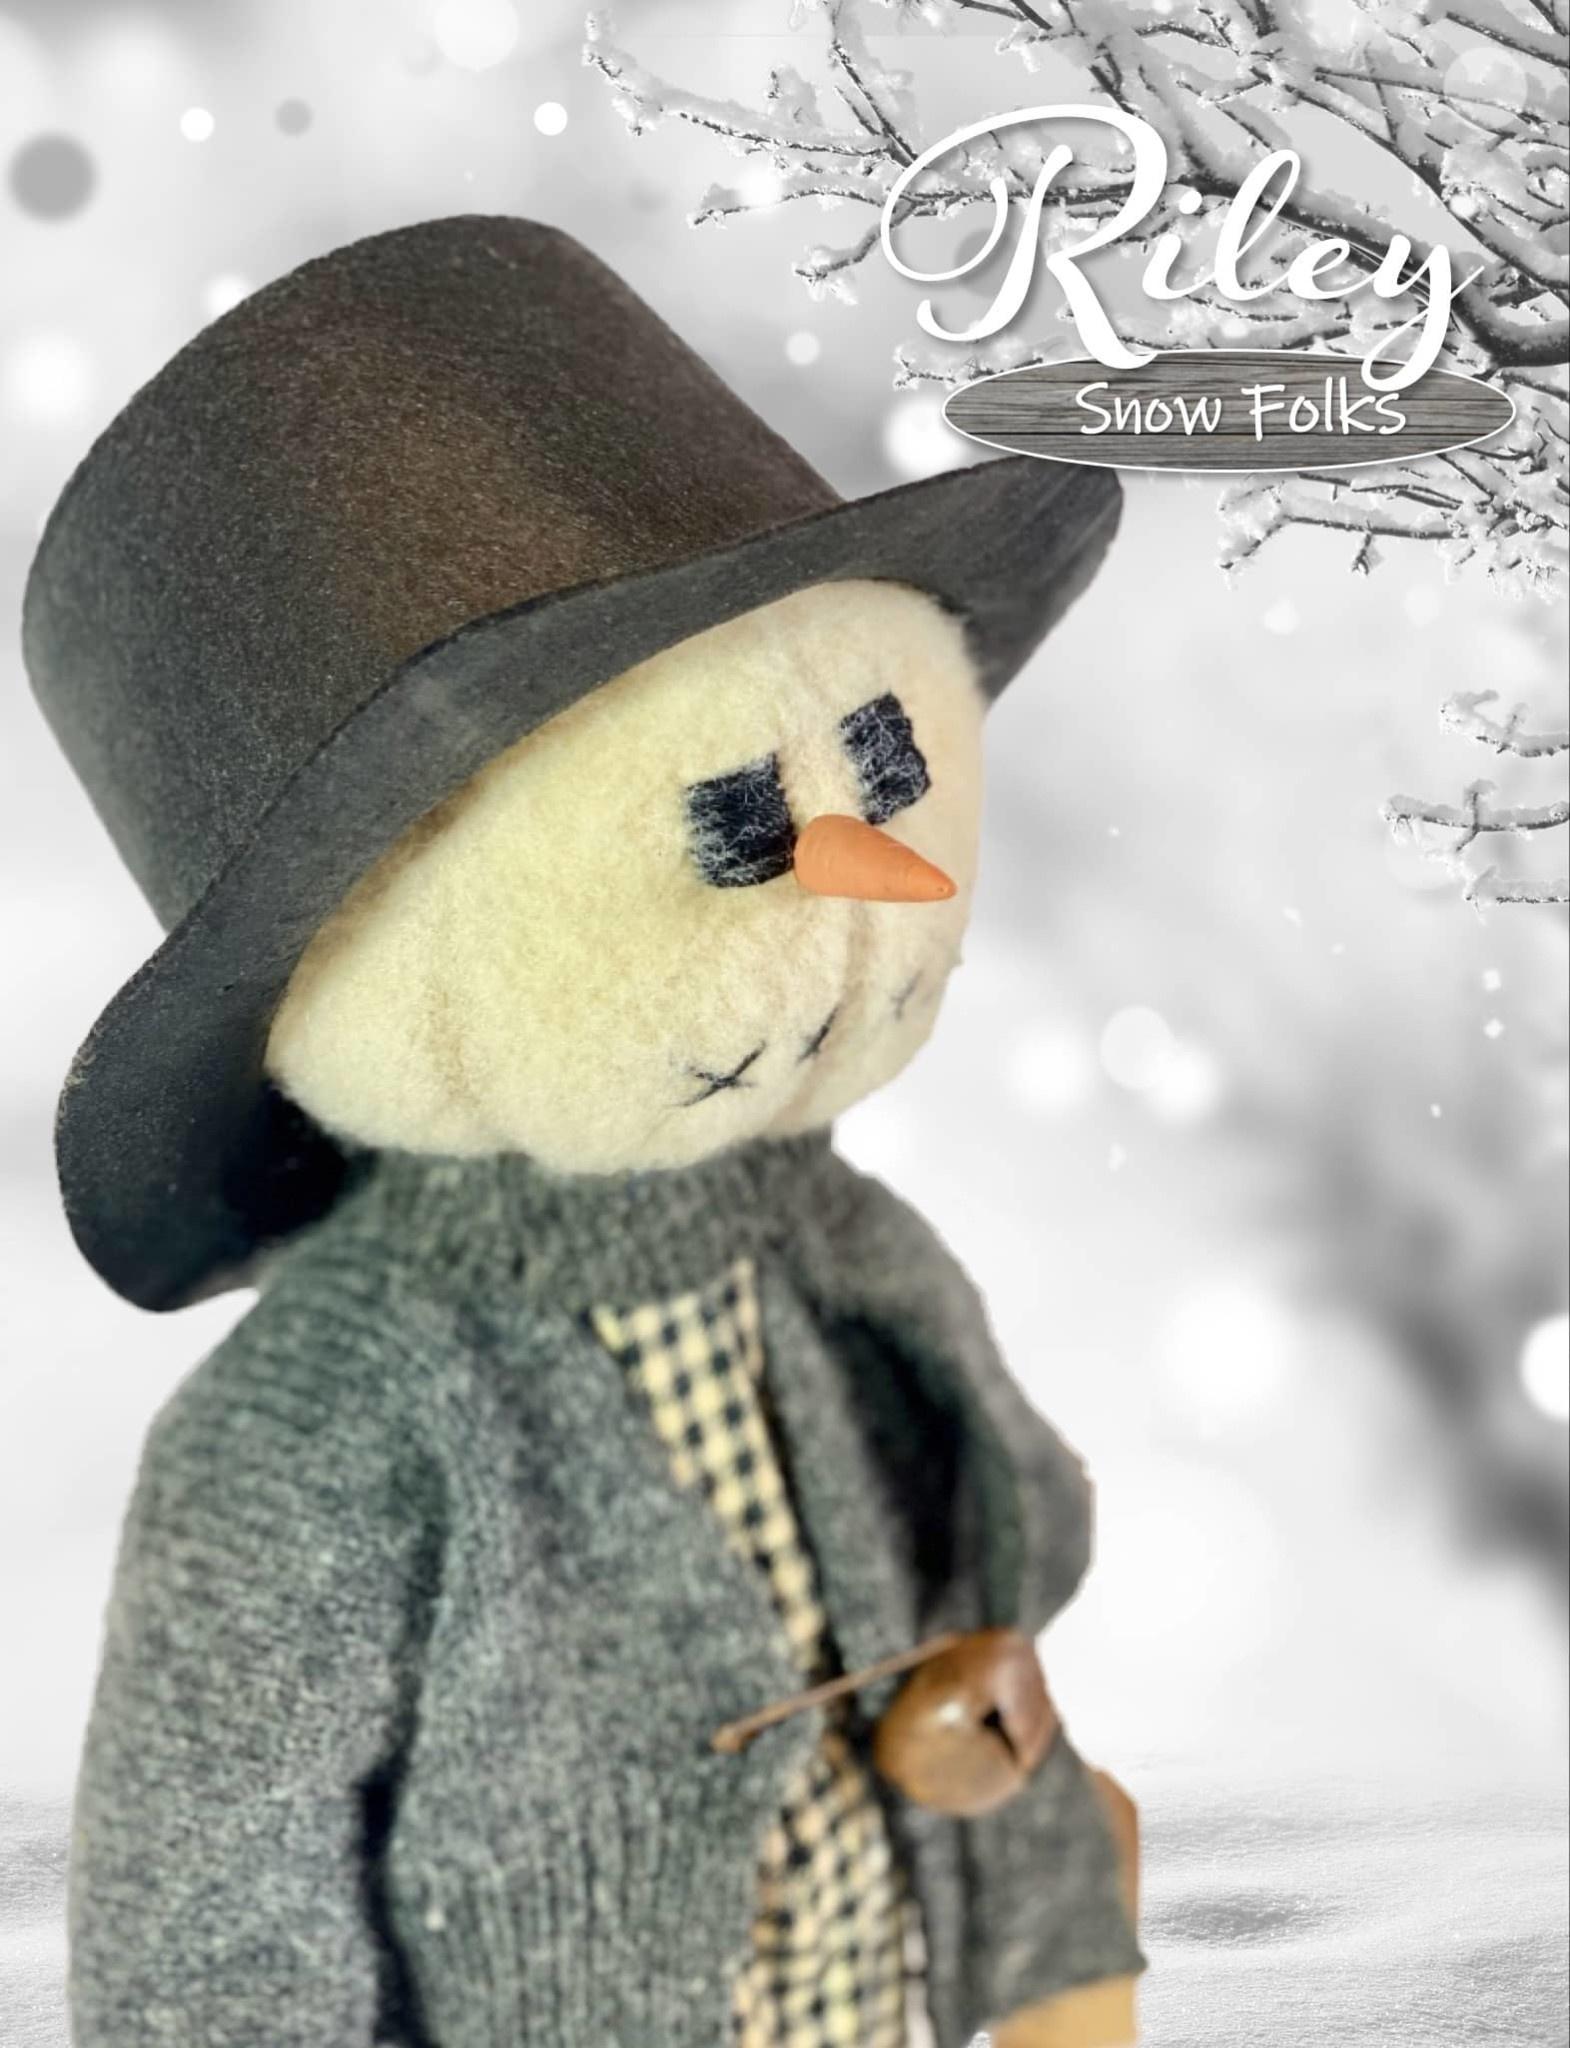 Nana's Farmhouse Riley Snow Girl Plaid Dress & Grey Sweater W/Black Hat